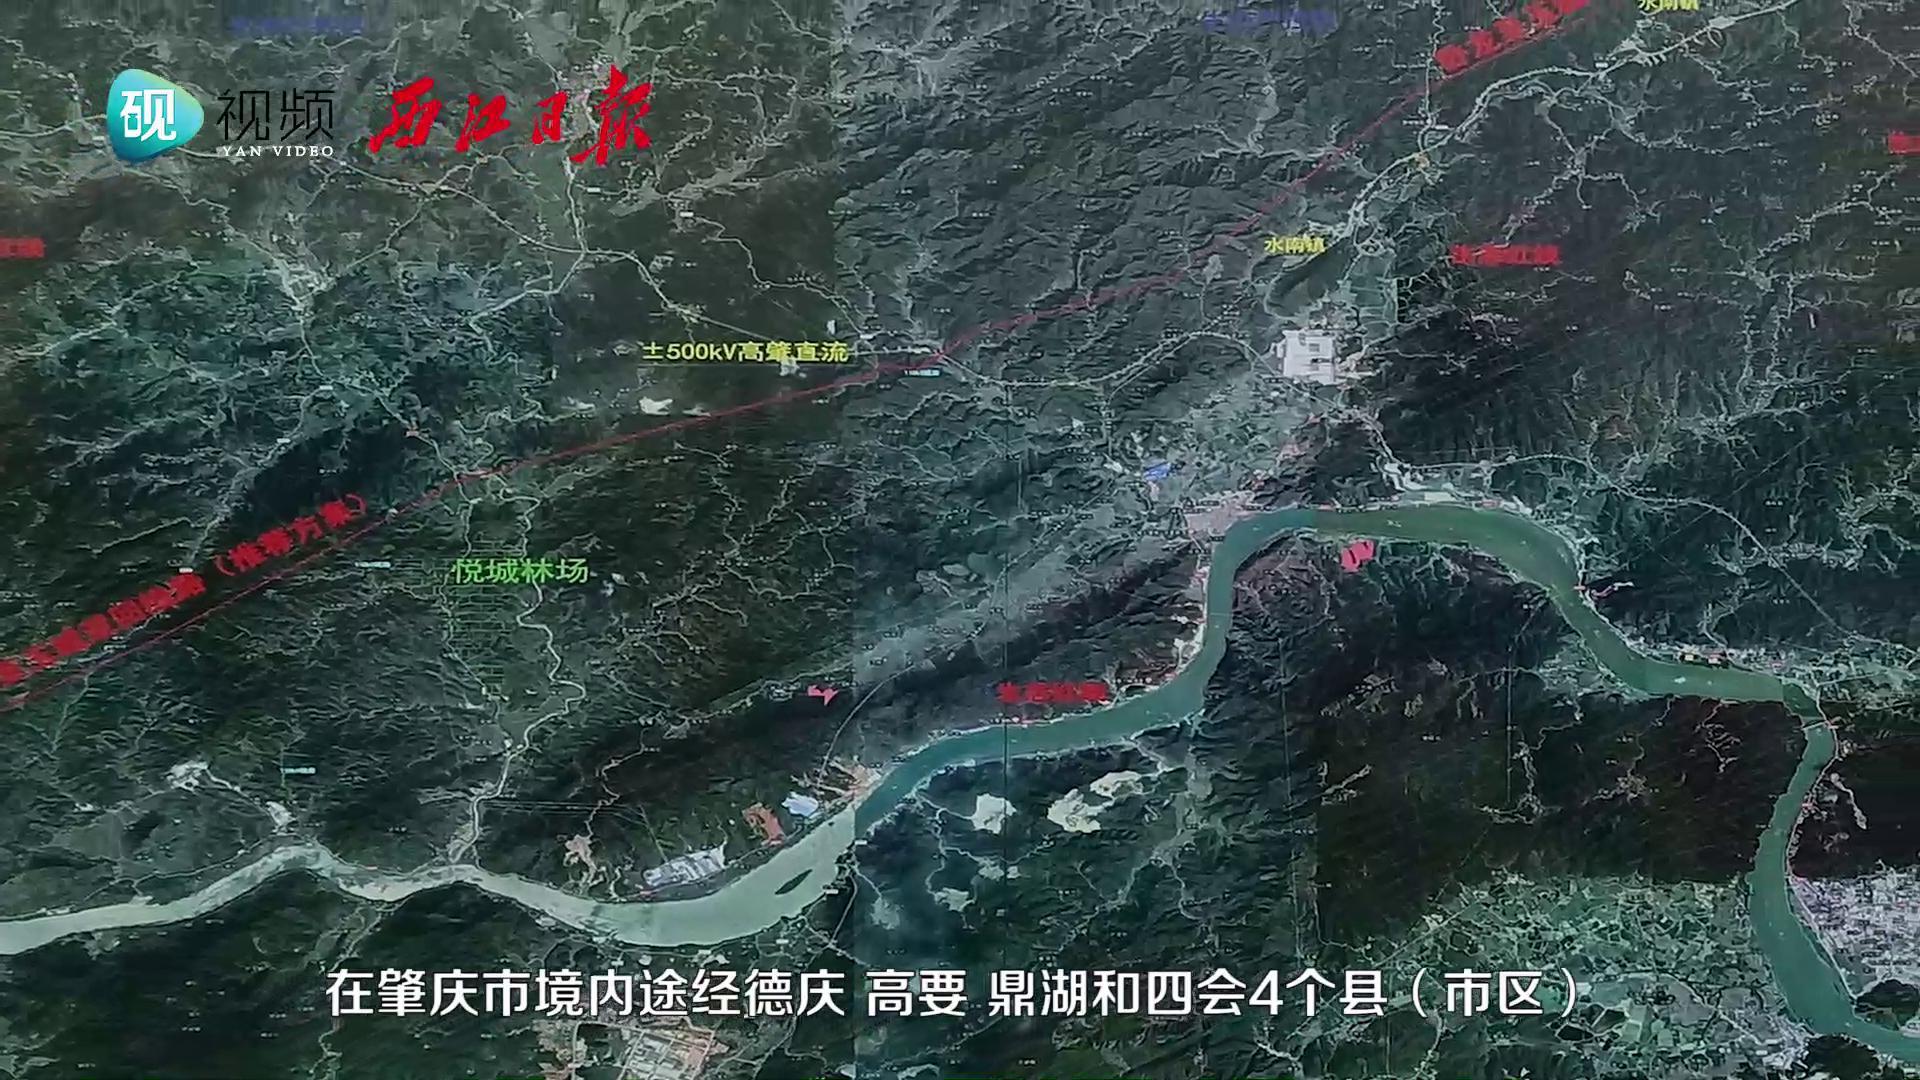 粤西500千伏网架优化一期工程(肇庆段)开工